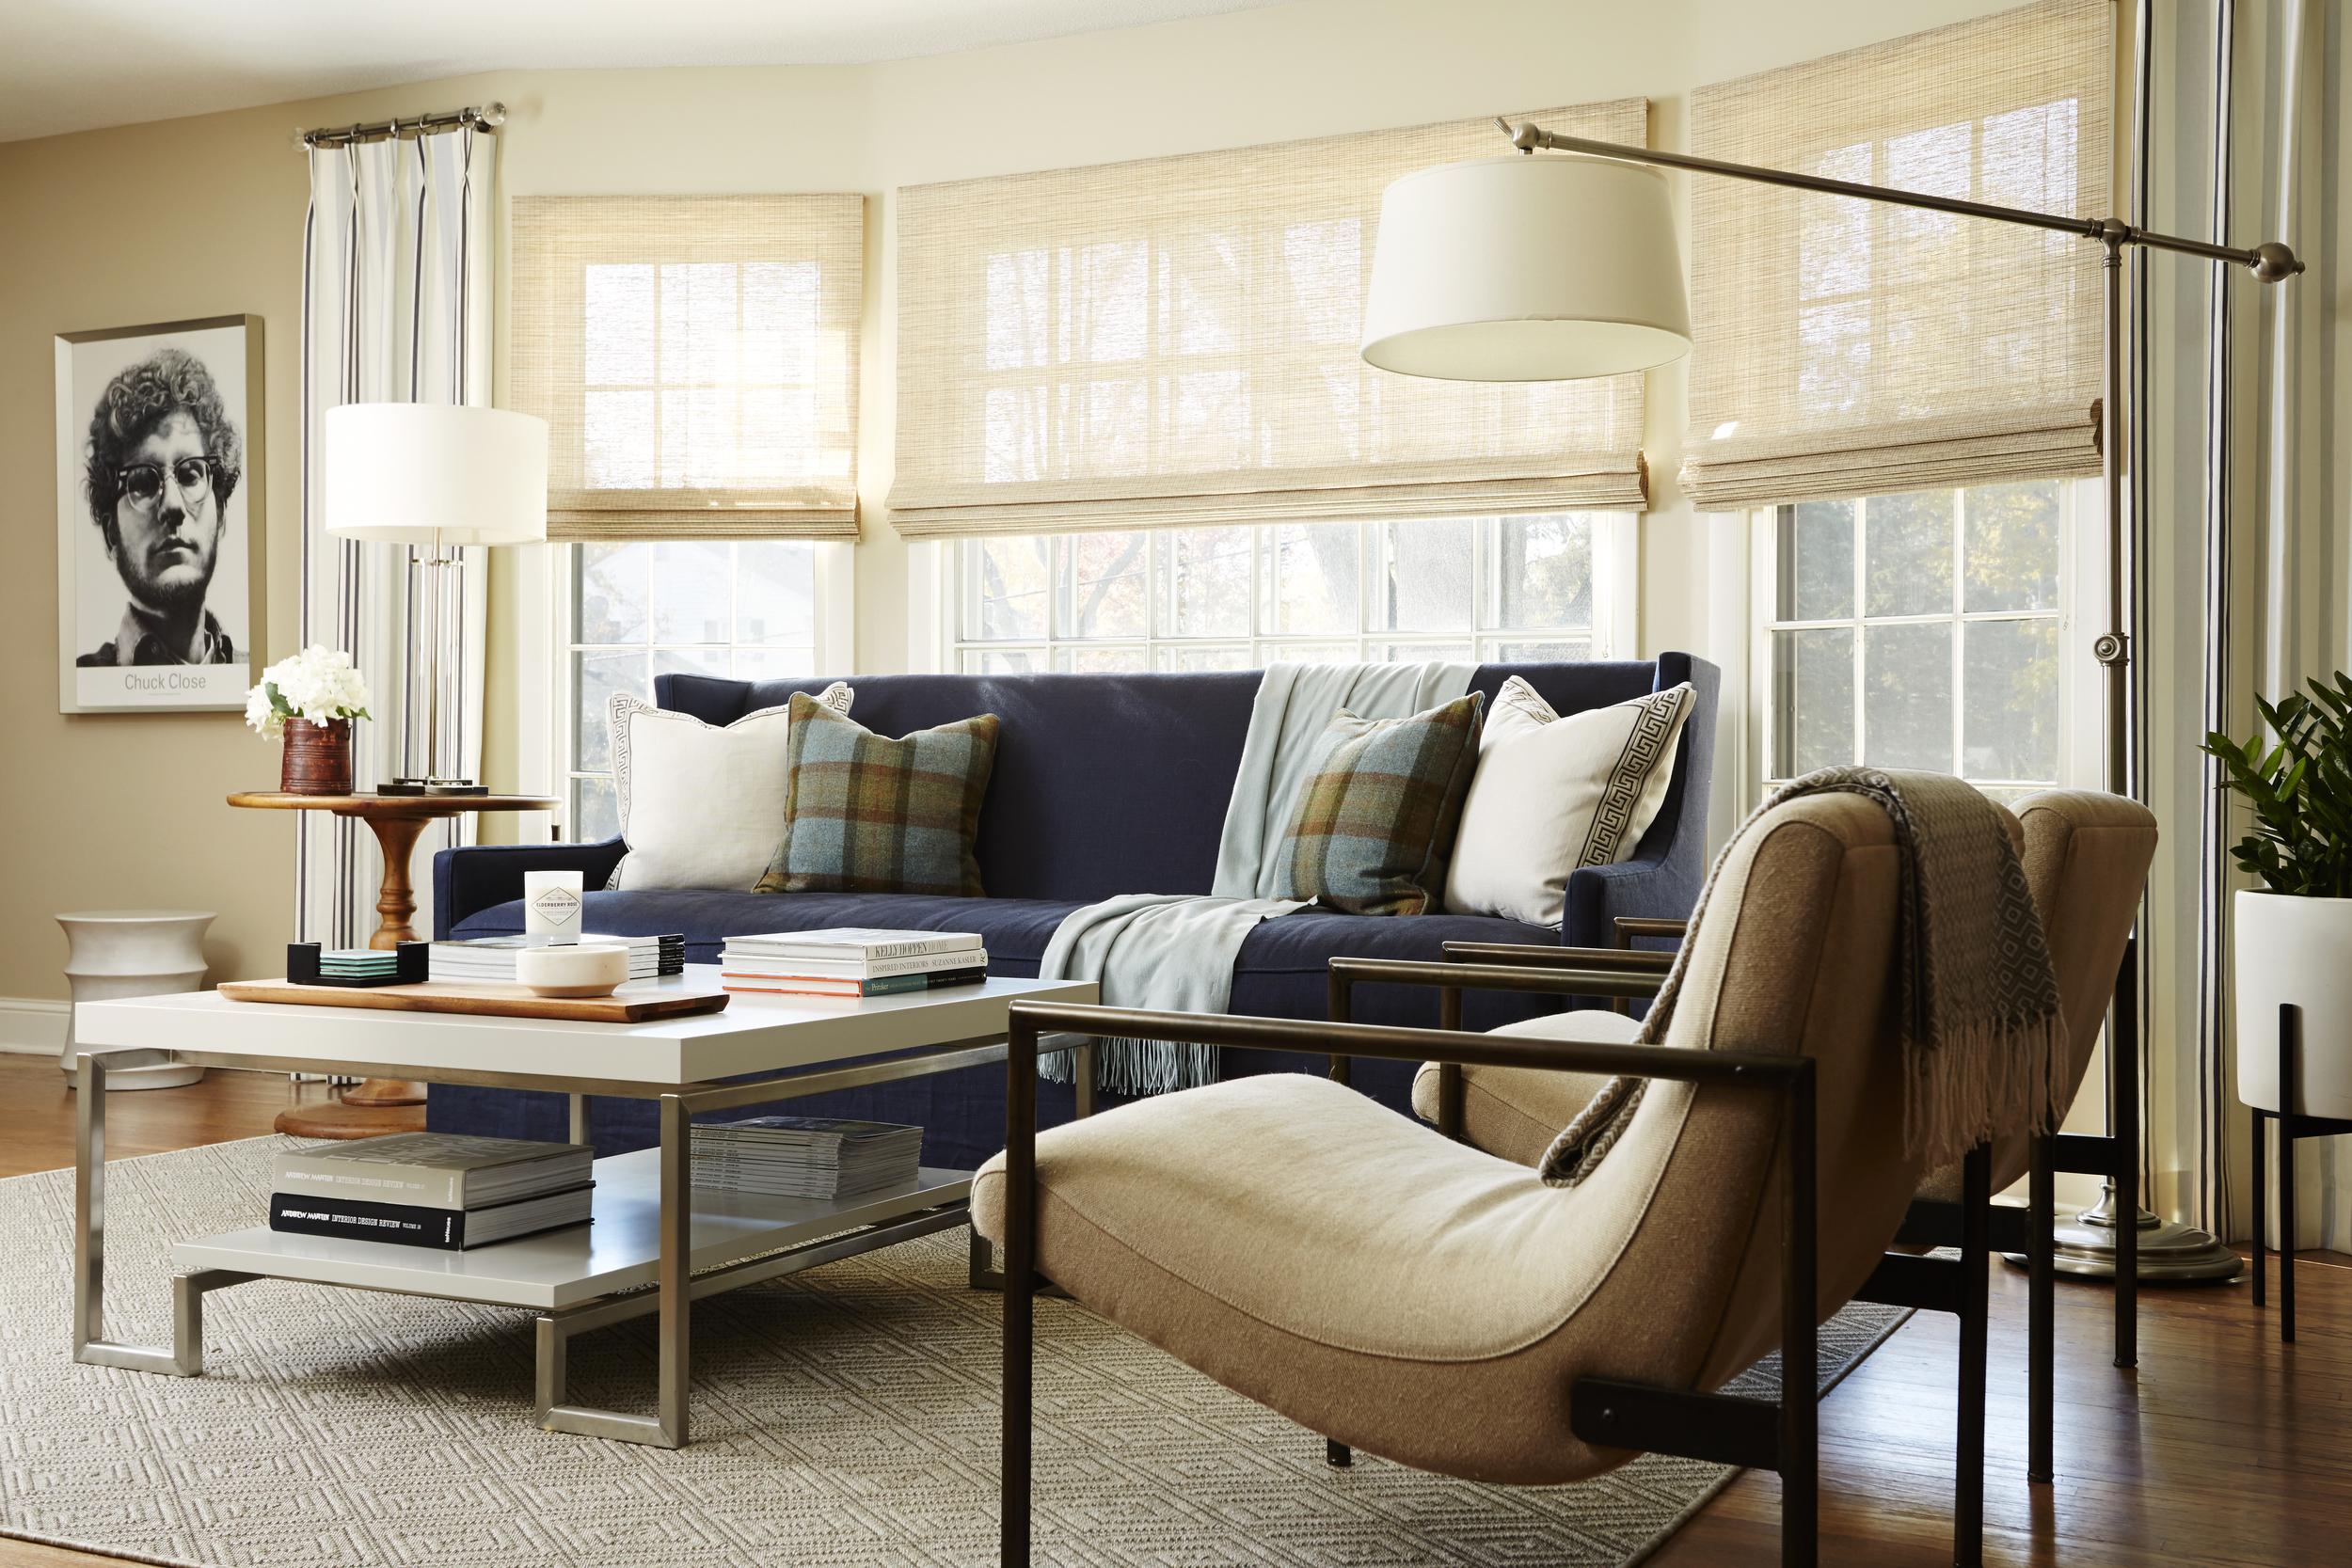 INVIEW Interior Design /  Hamptons Inspired